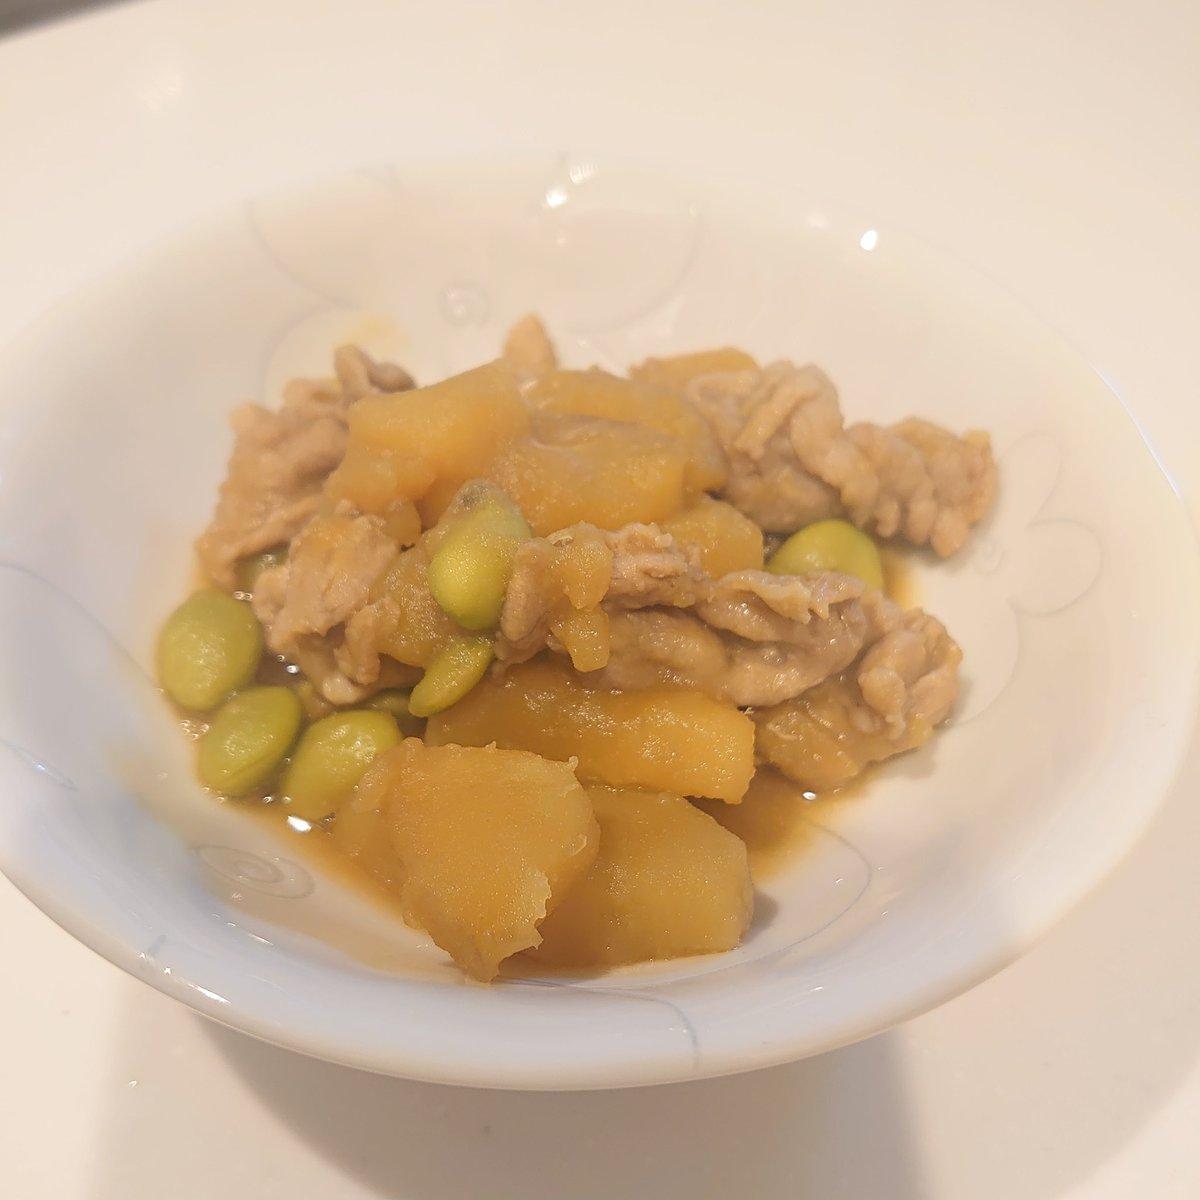 ゆうりちゃんに教えてもらったさつまいものレシピでお弁当のおかず増えたぁ♡さっそく明日のお弁当に入れてあげようっと(*´∀`)さつまいもと枝豆と豚肉の煮物